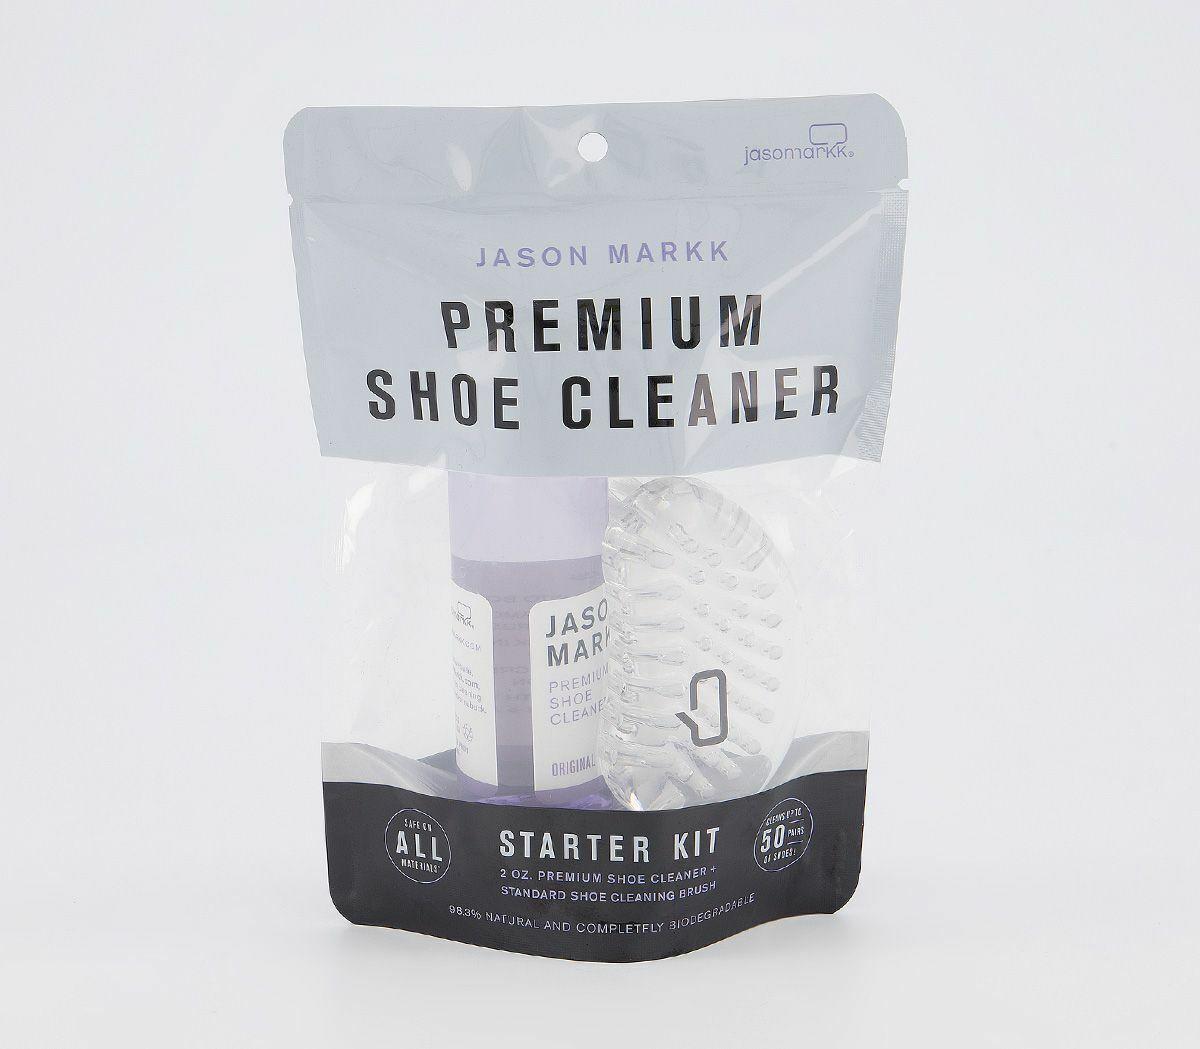 Accessories Jason Markk Premium Shoe Cleaning Product Set 2 Oz Premium Shoe Clea